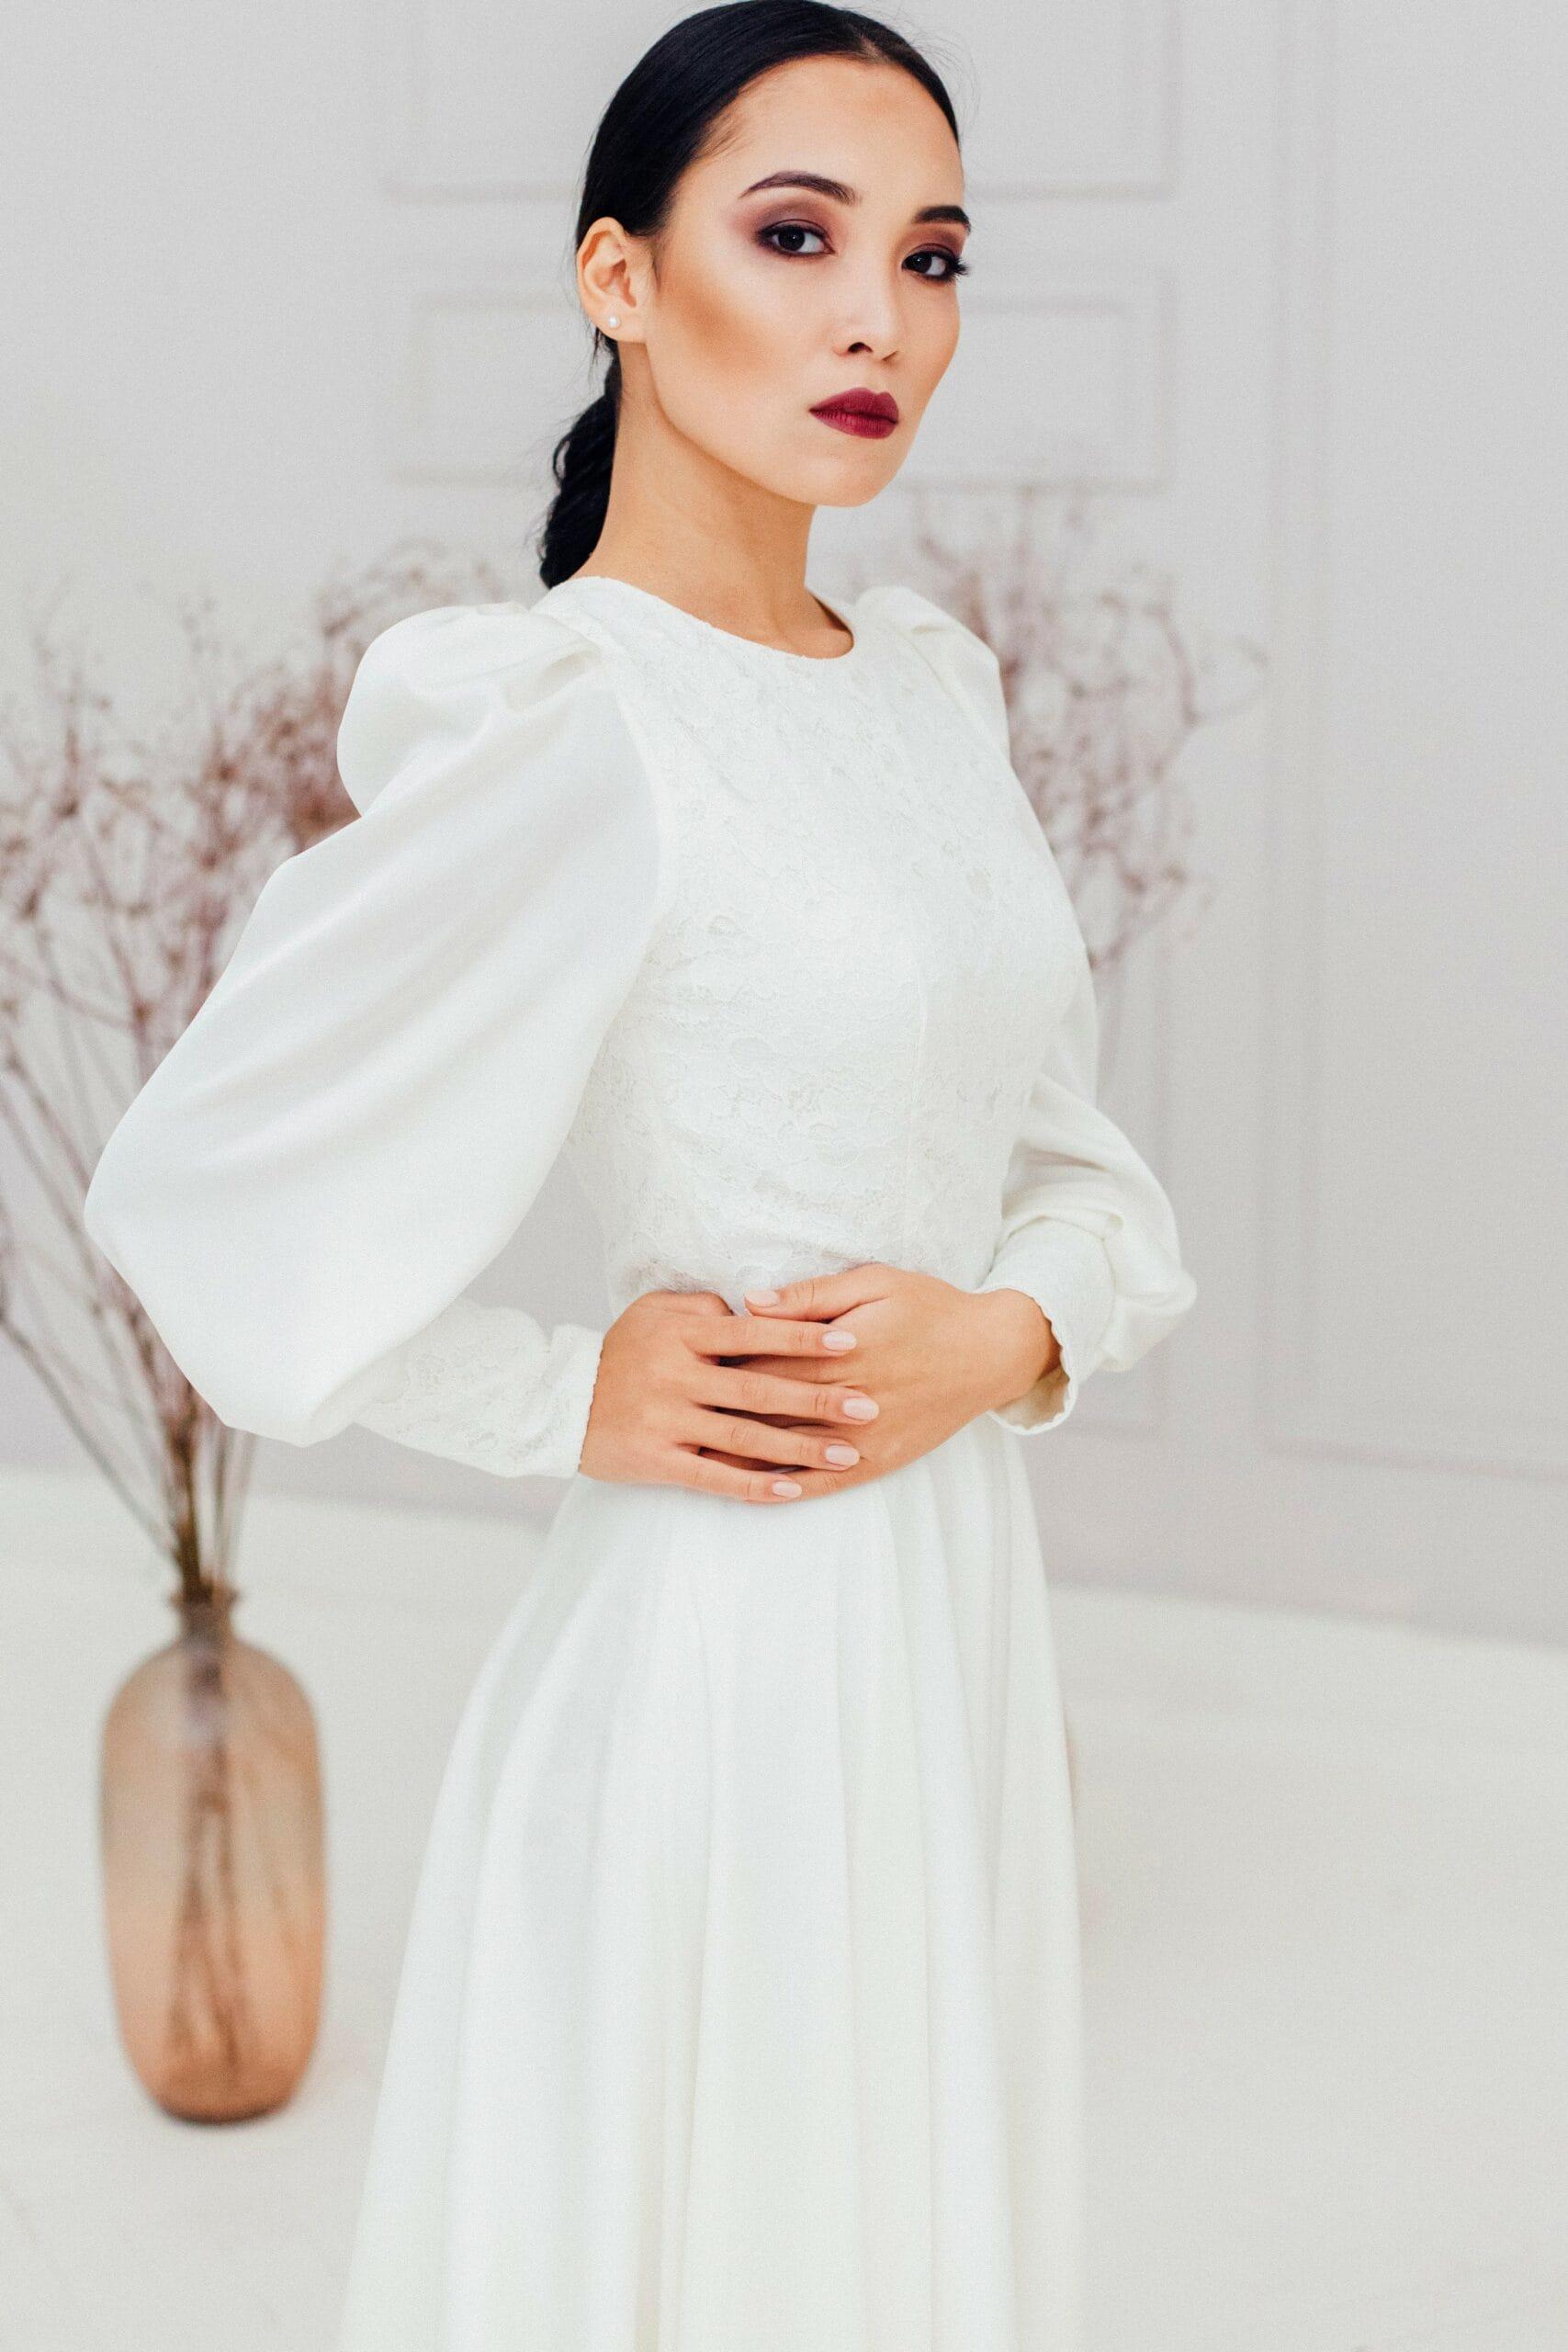 Свадебное платье MALI, коллекция REFINED ELEGANCE, бренд OKA NOMO, фото 1